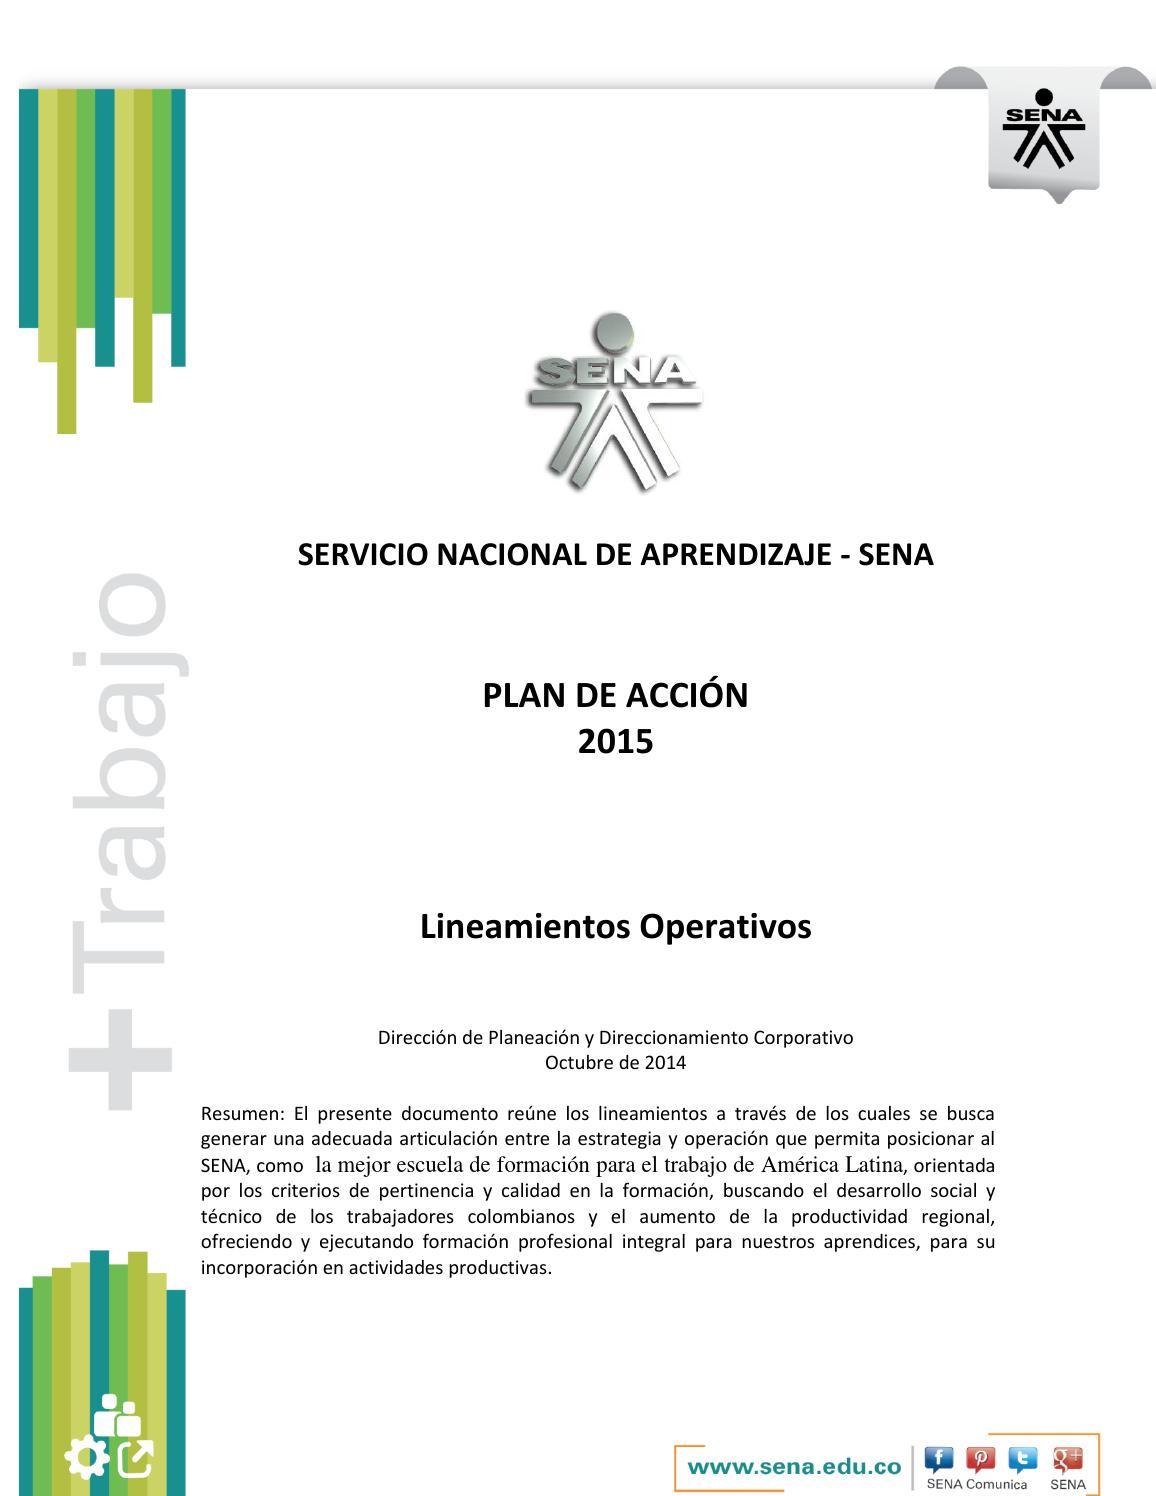 Plan de accion 2015 lineamientos operativos by SENA Oficina de ...